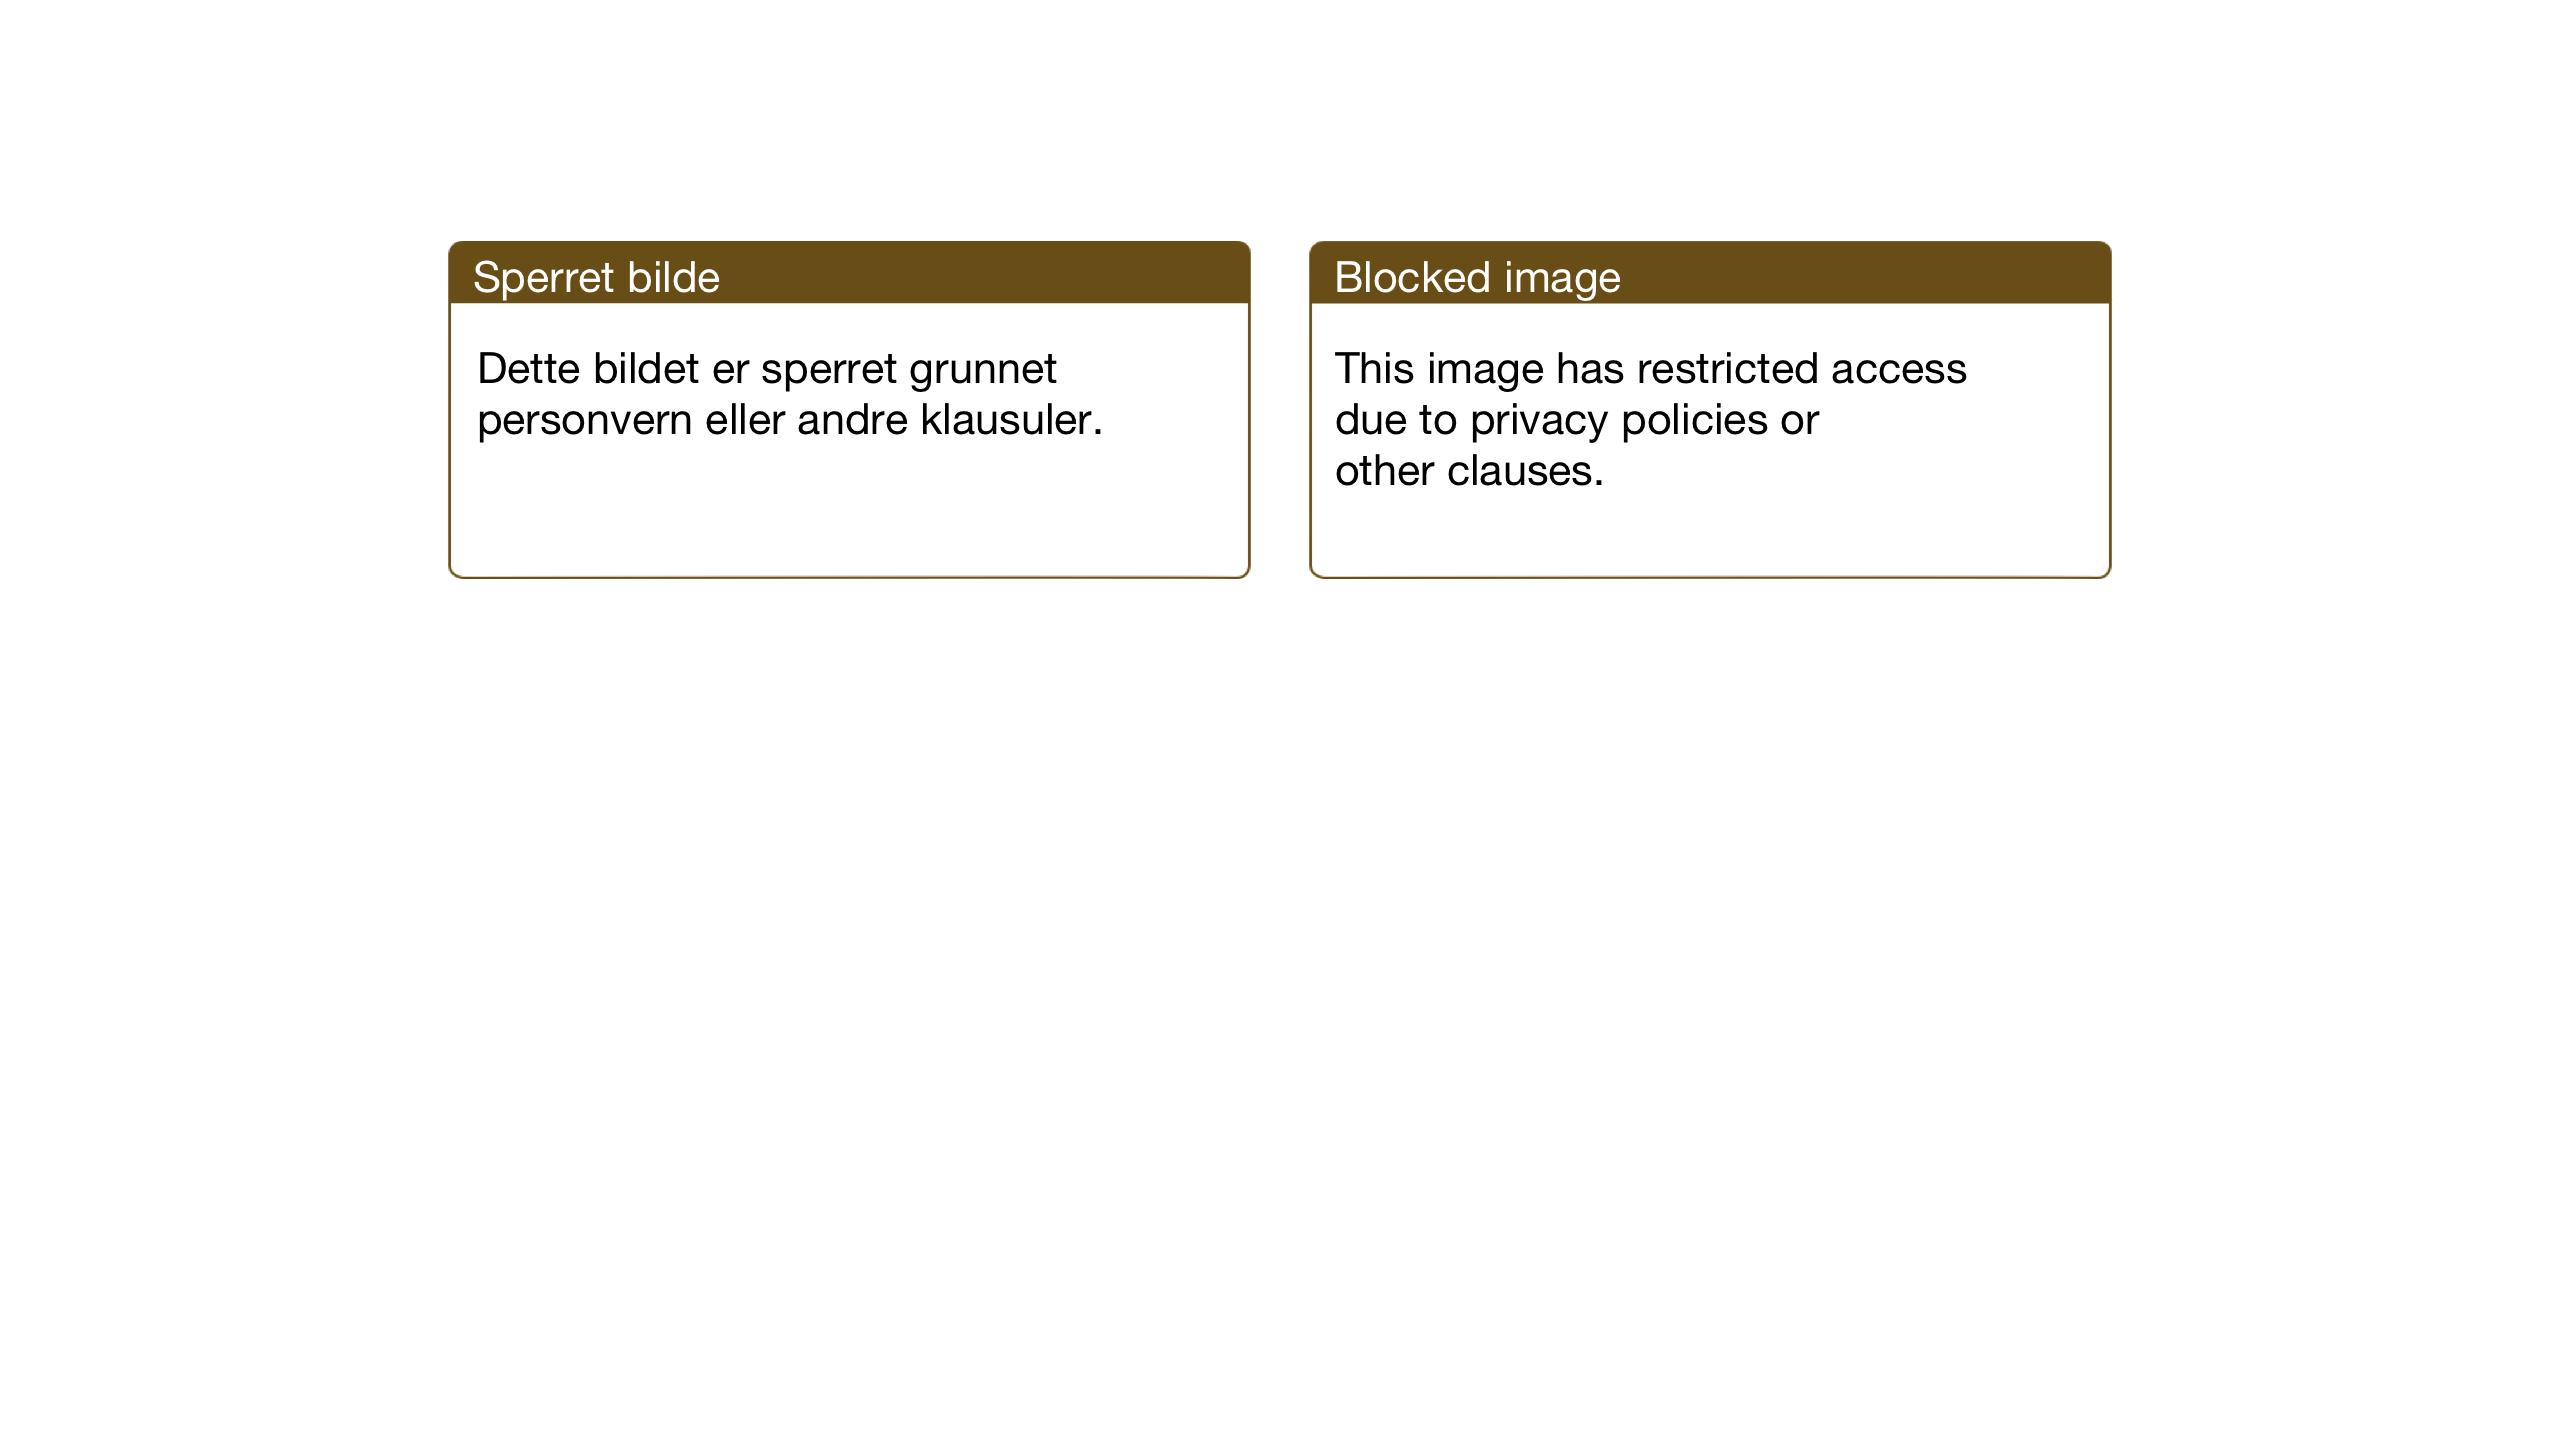 SAT, Ministerialprotokoller, klokkerbøker og fødselsregistre - Sør-Trøndelag, 630/L0508: Klokkerbok nr. 630C06, 1933-1950, s. 46